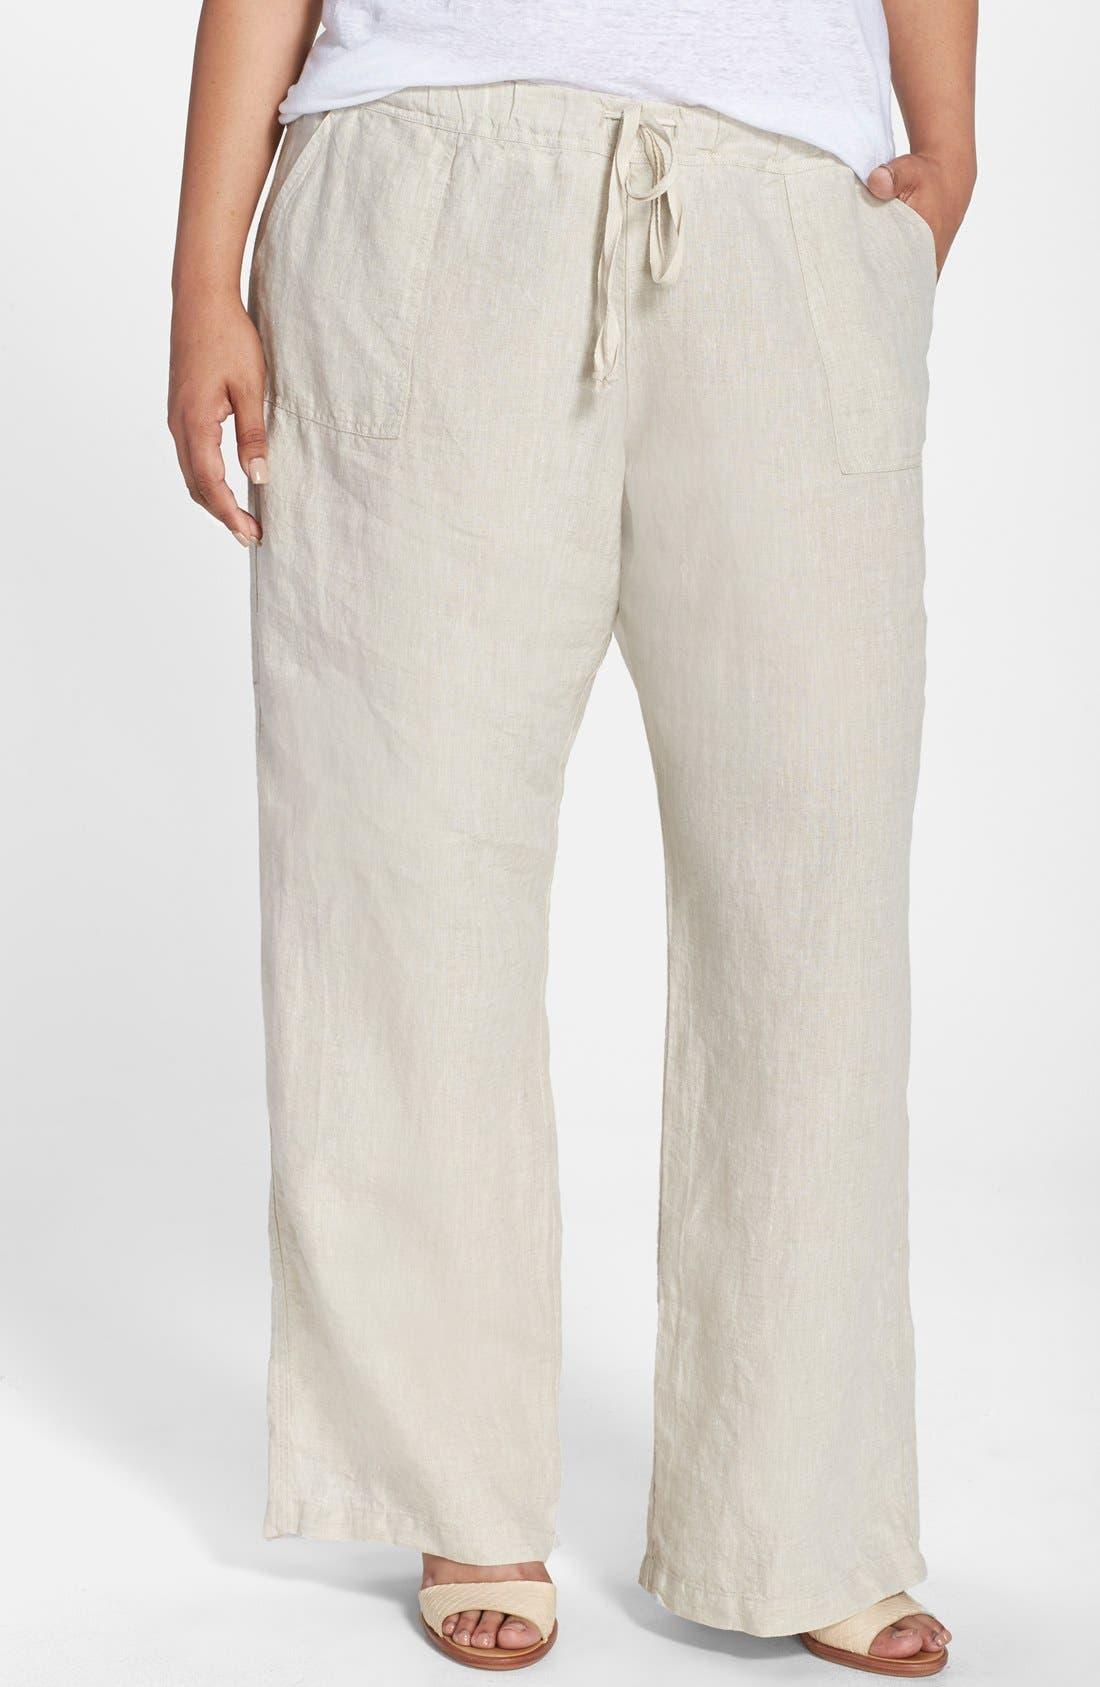 Alternate Image 1 Selected - Allen Allen Drawstring Linen Pants (Plus Size)